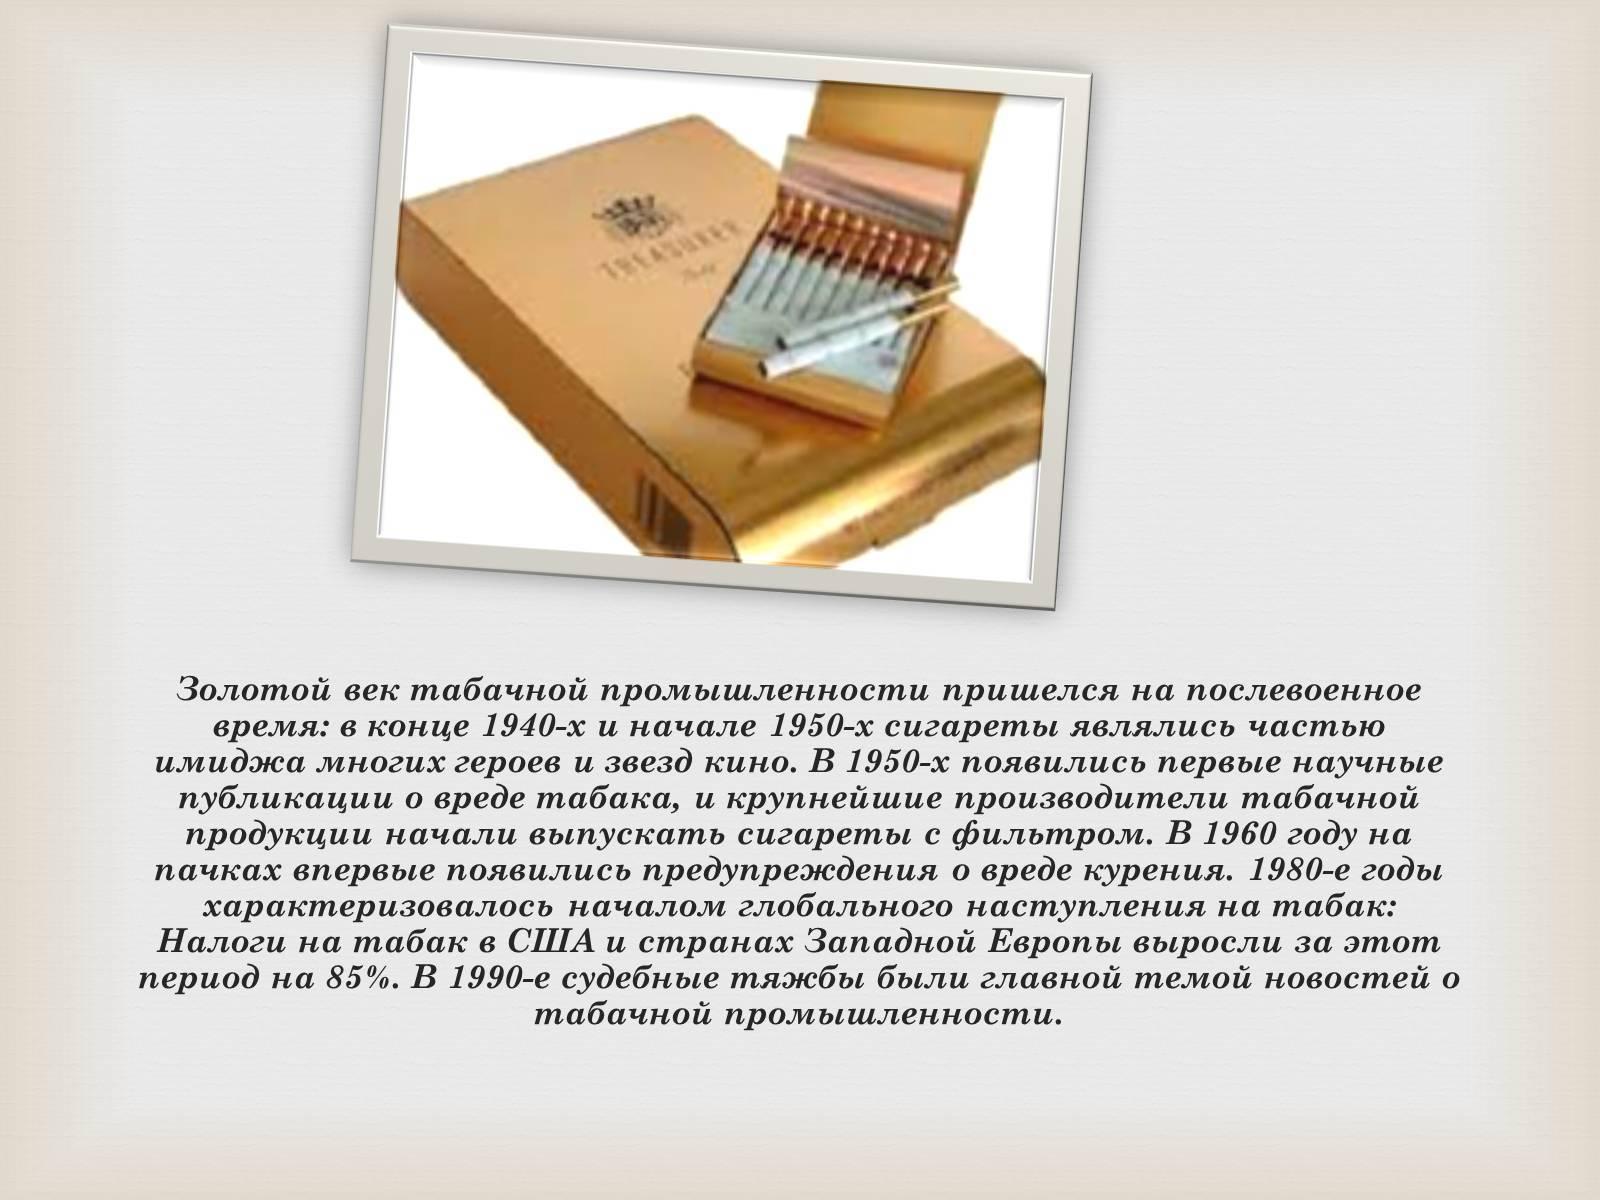 Интересные факты о курении: история появления табака и распространение табачной промышленности в мире